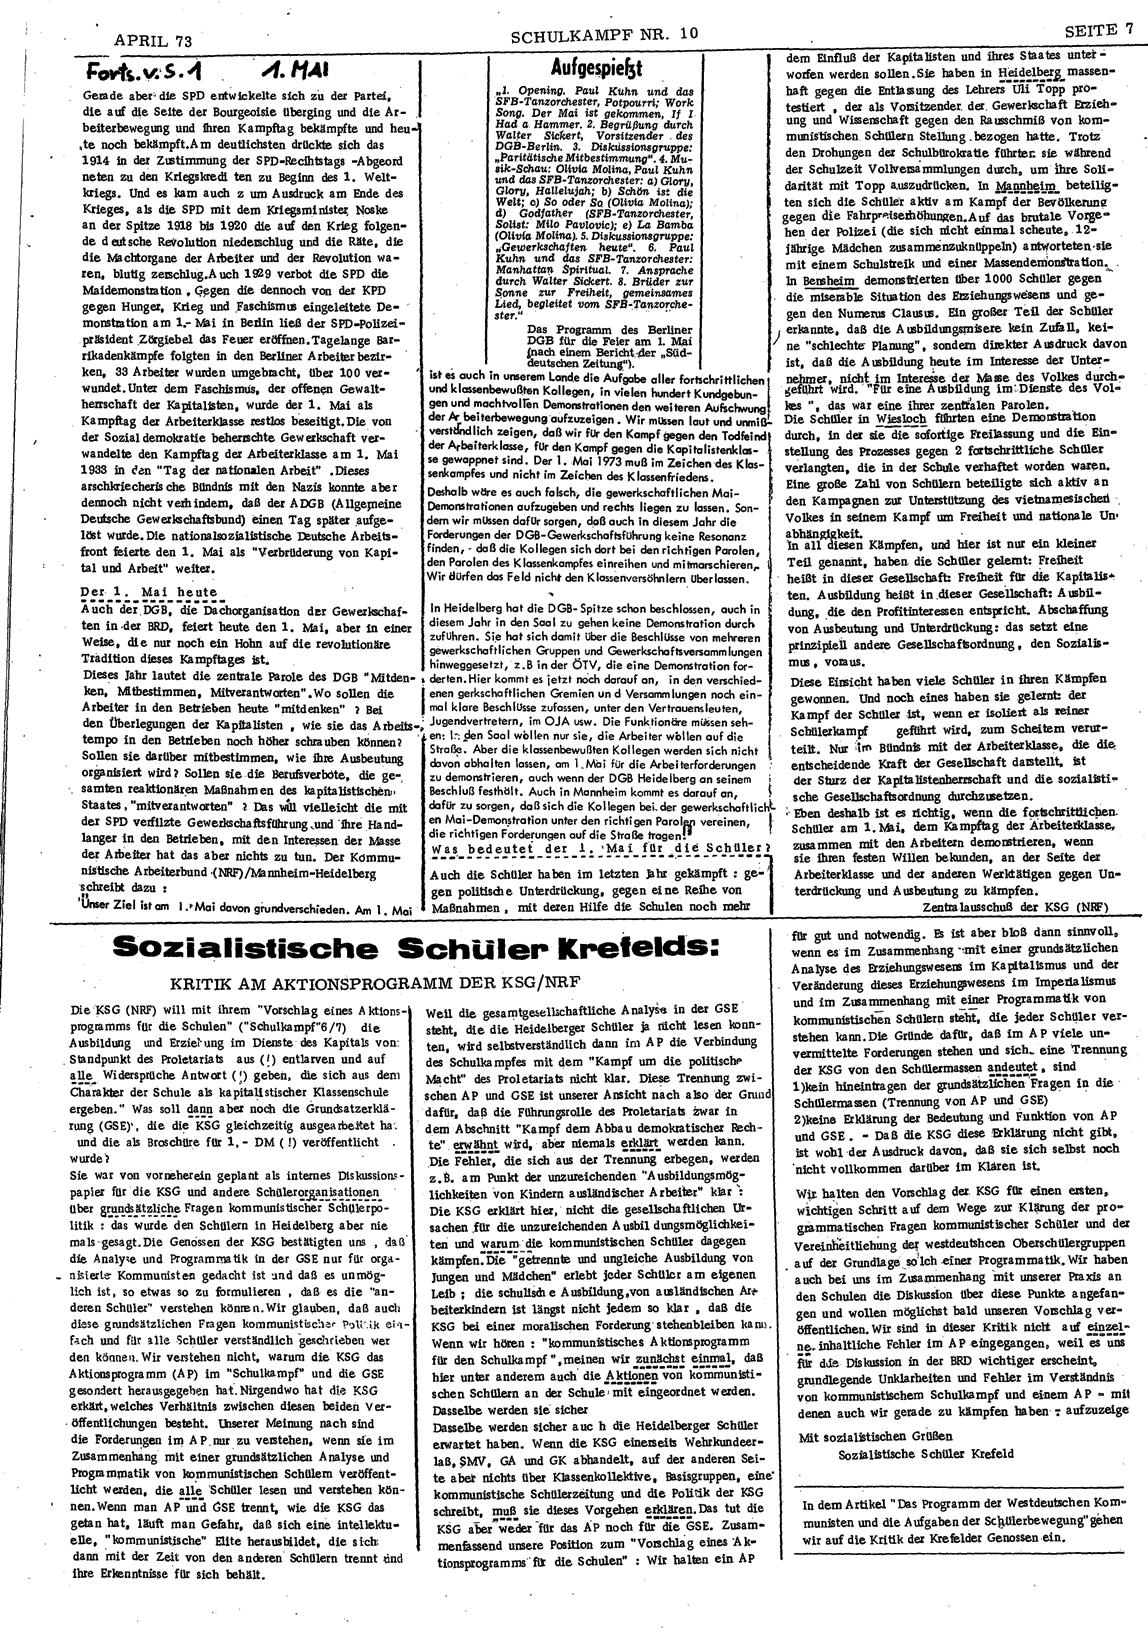 Schulkampf_HD_1973_10_07